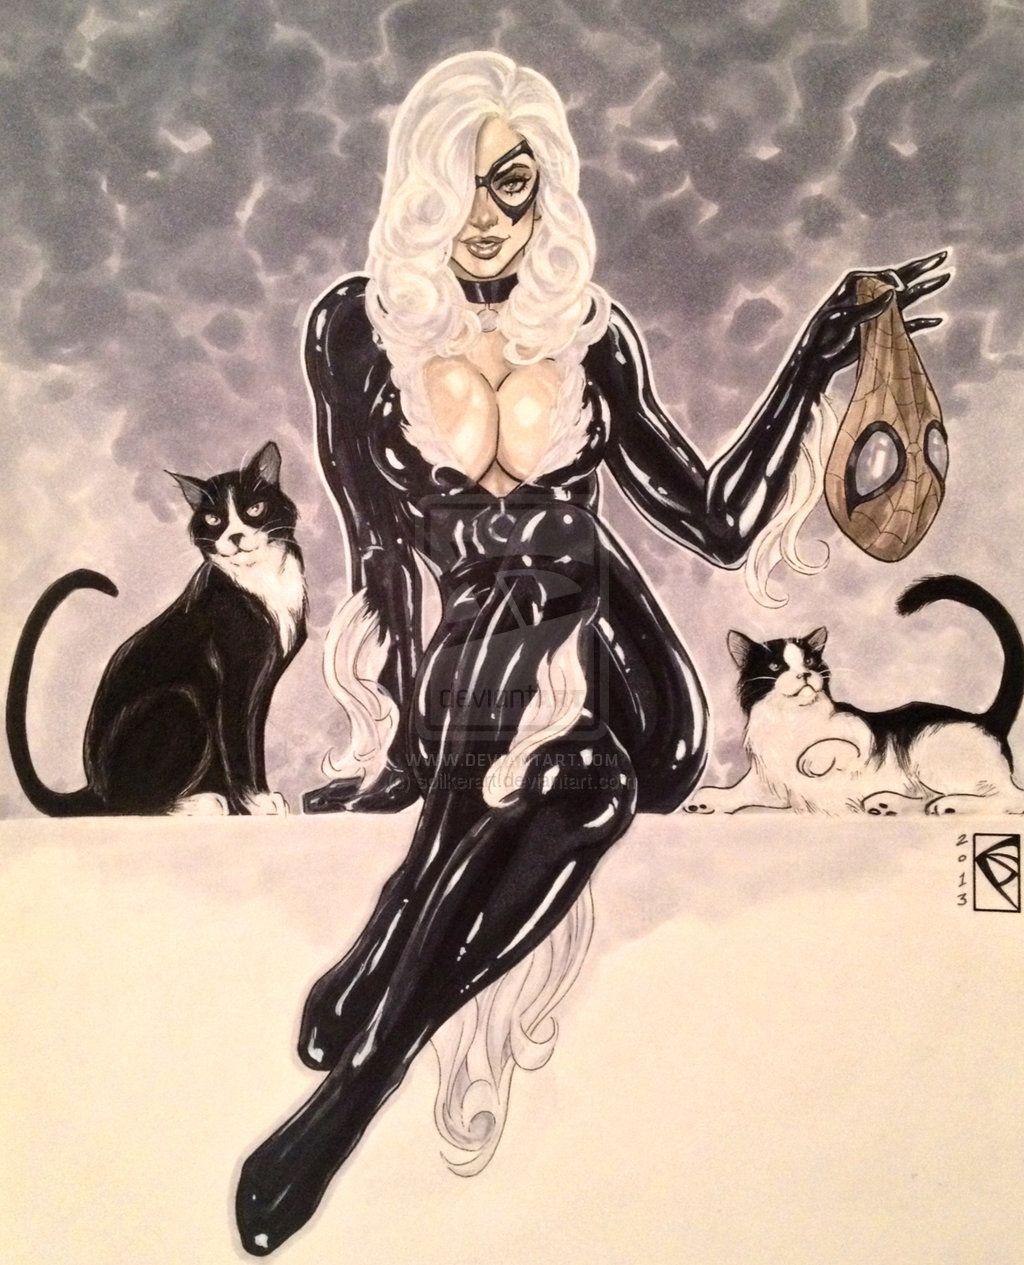 Black Cat has something that belongs to Spidey!!